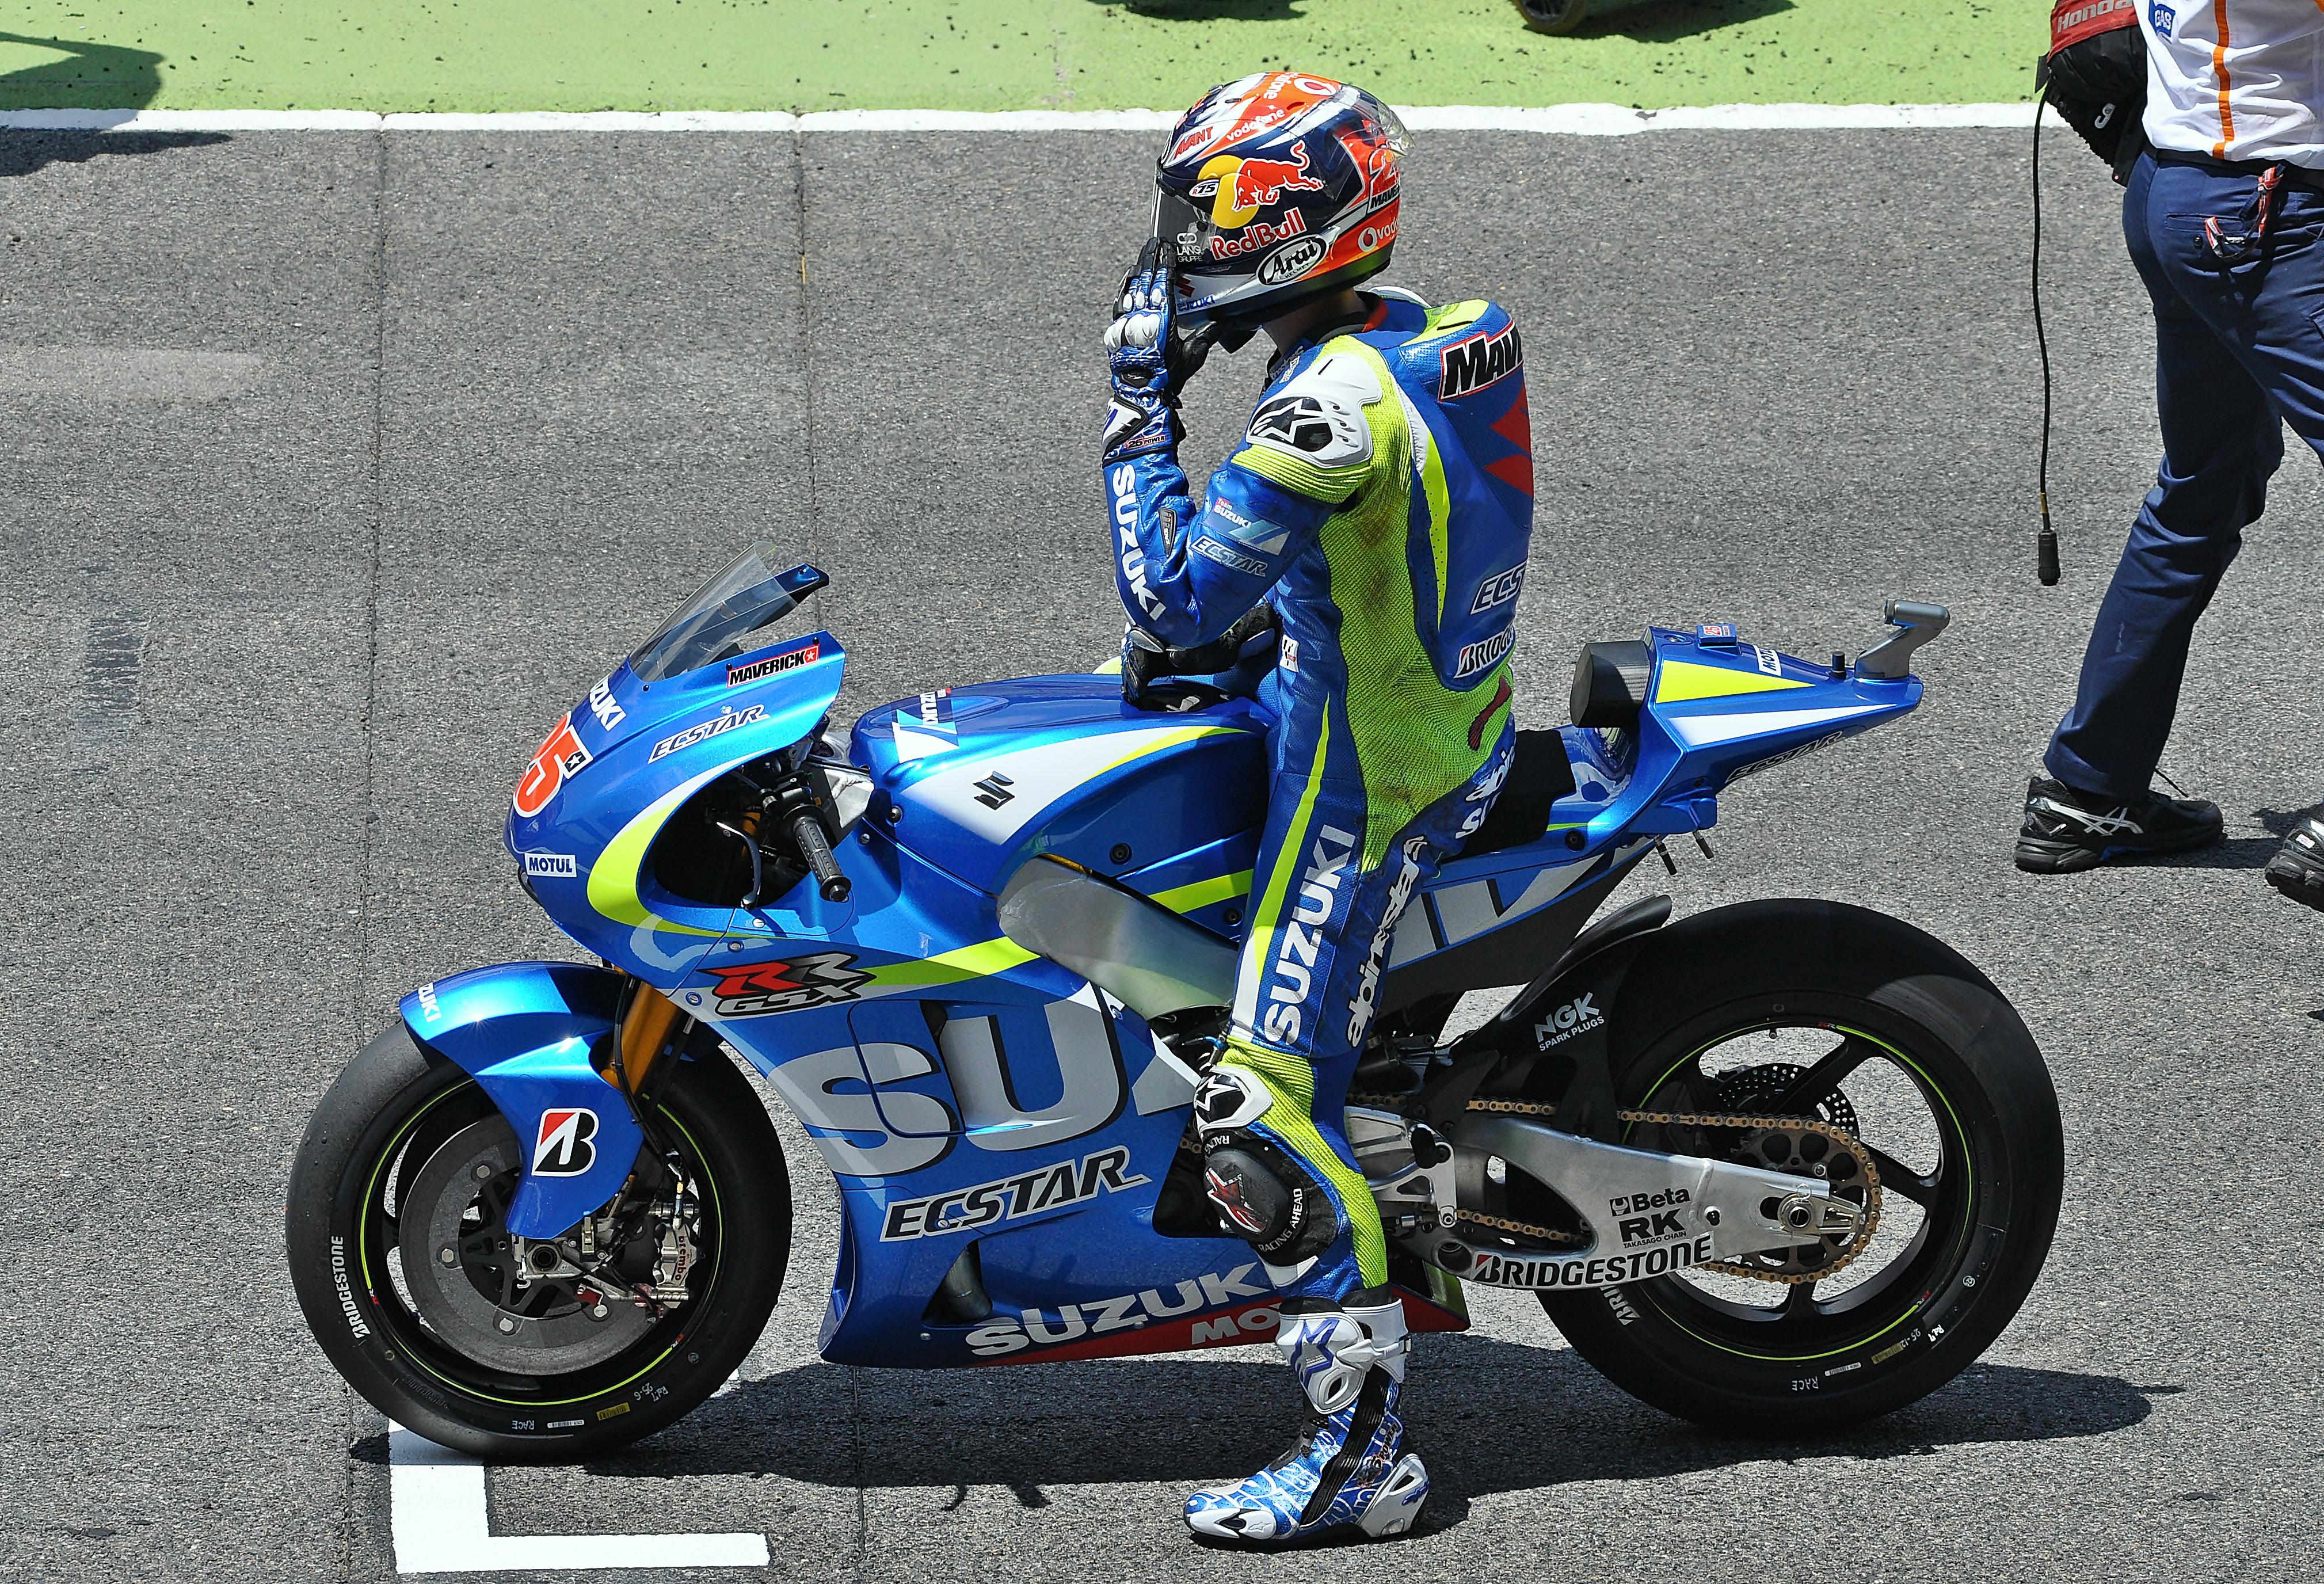 File:Maverick Viñales MotoGP 2015.JPG